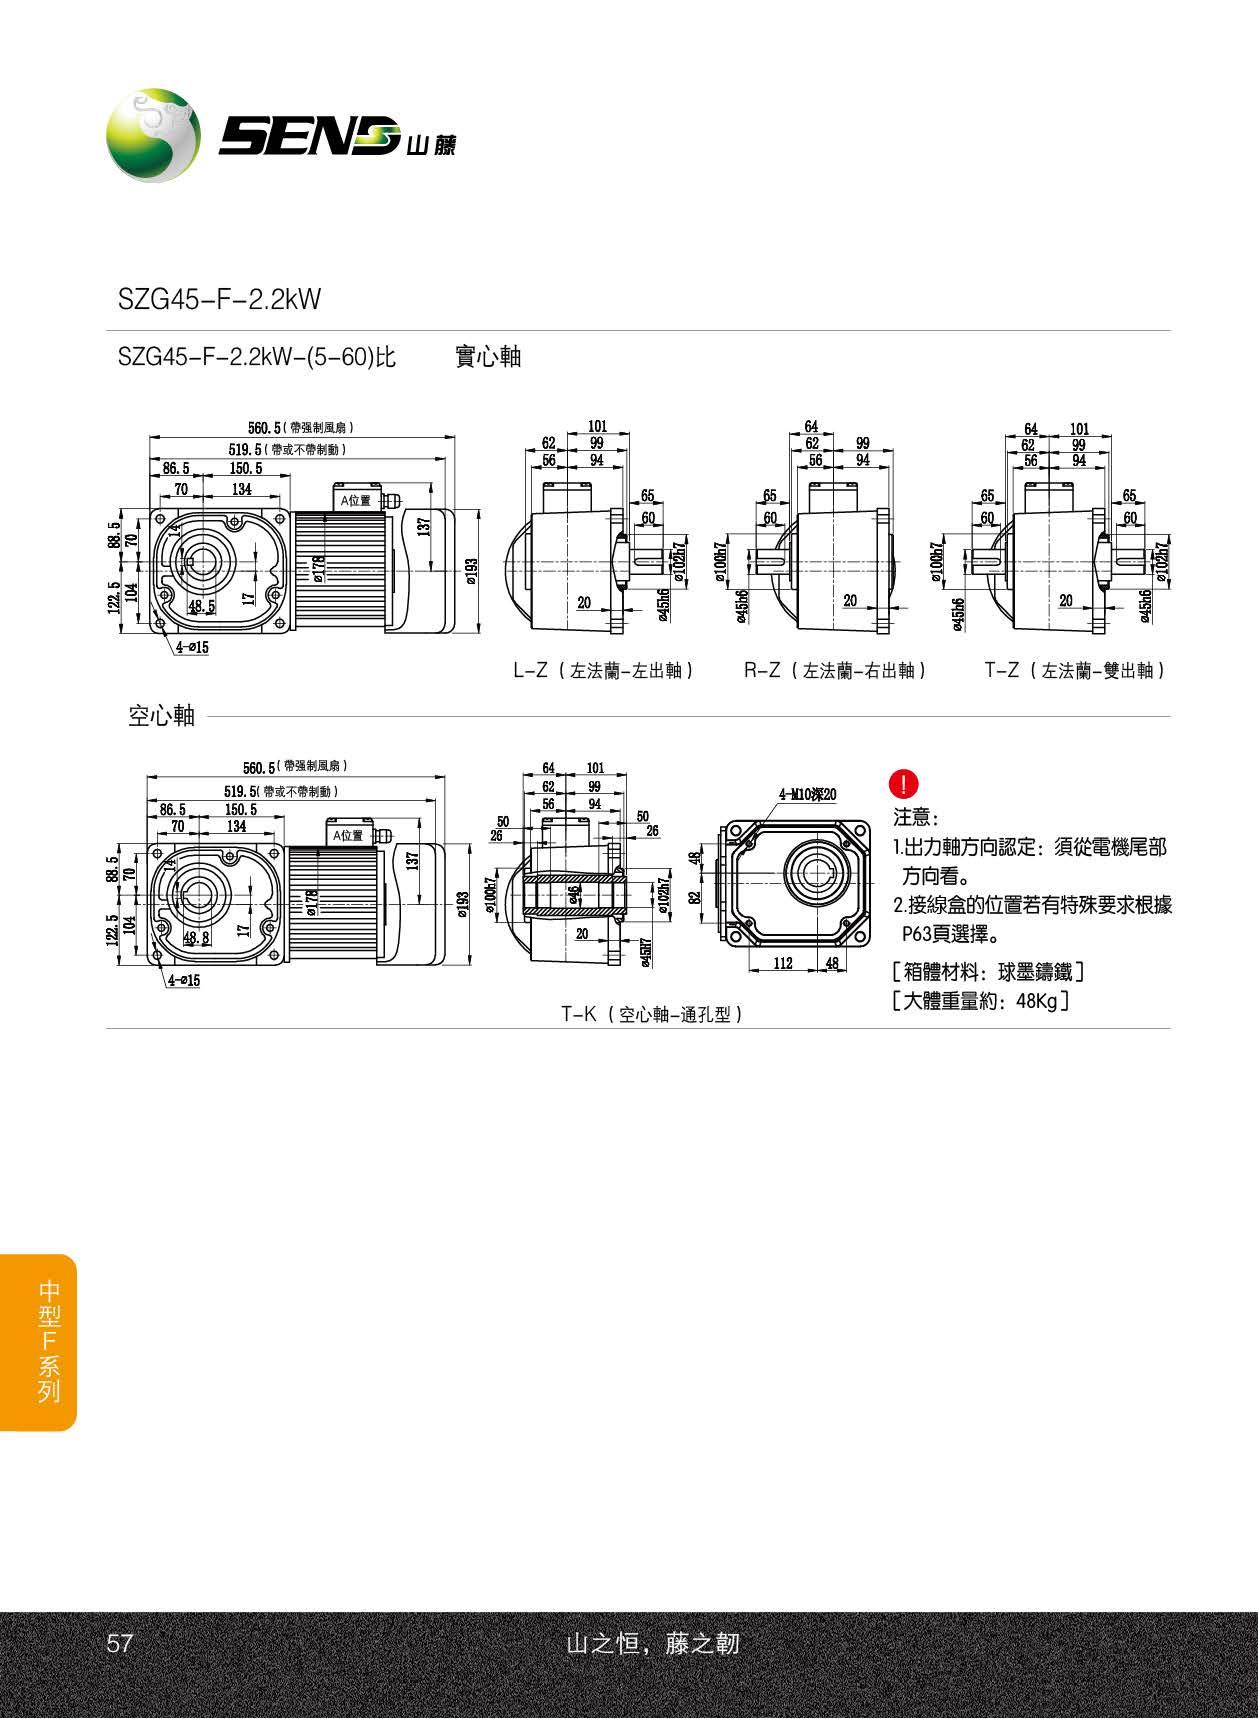 SZG45-F-2.2KW.jpg